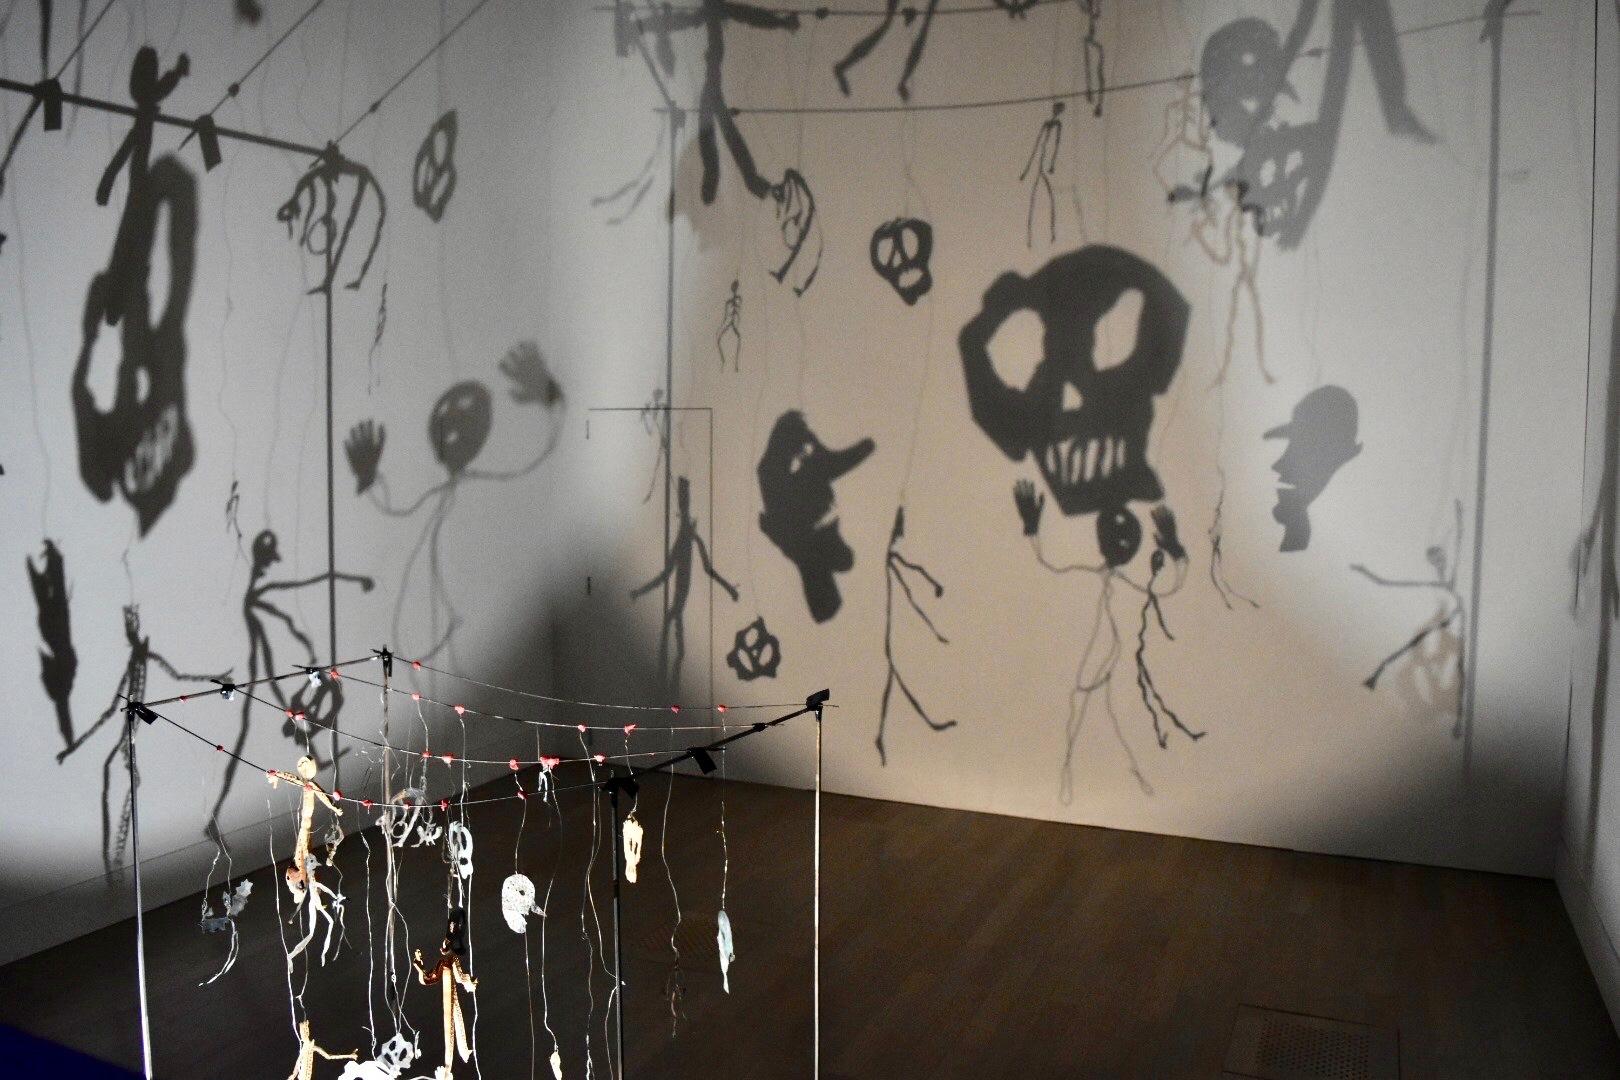 《影》 1986年 「クリスチャン・ボルタンスキー −Lifetime」展 2019年 国立新美術館展示風景